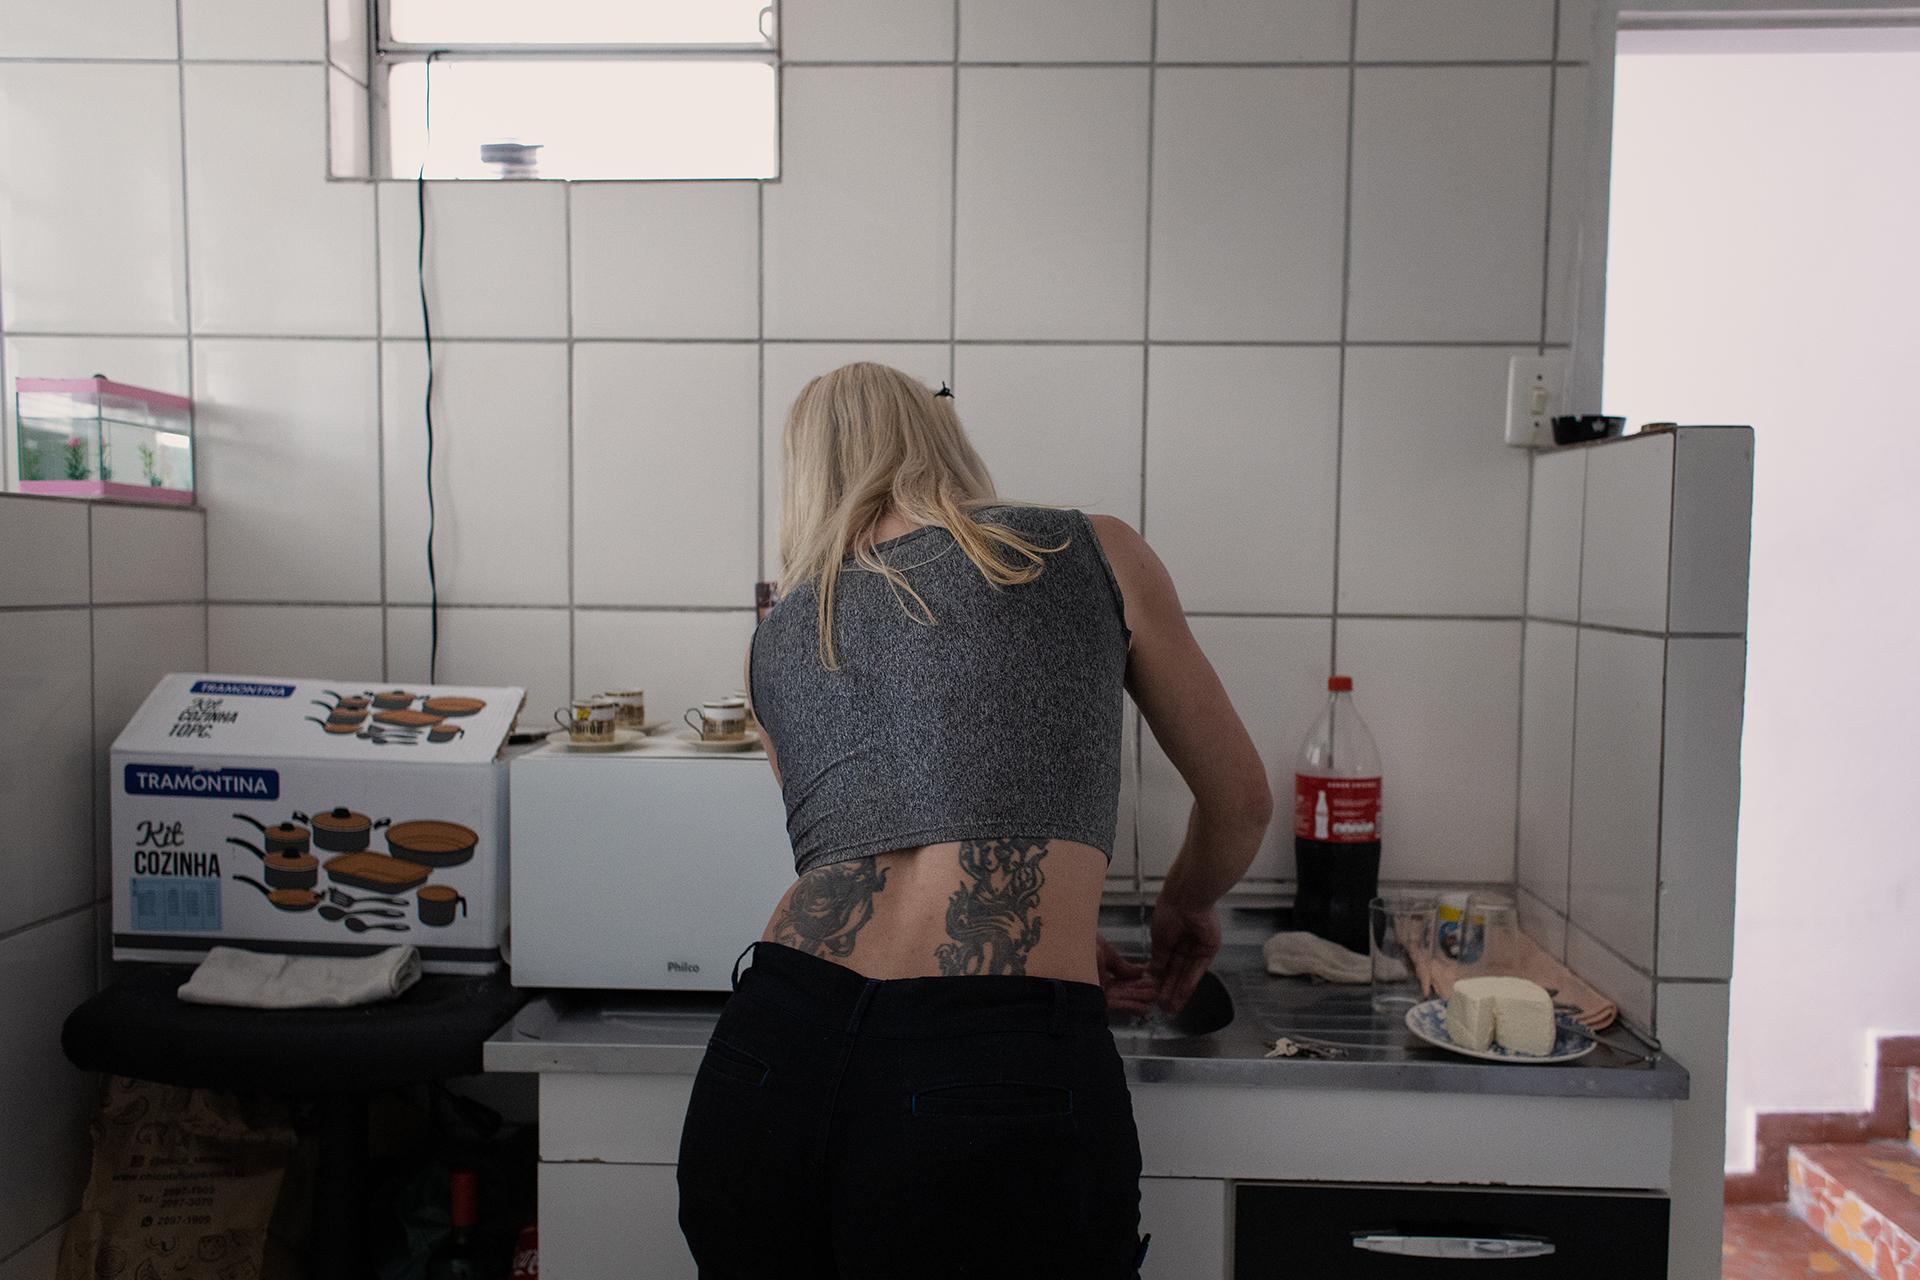 Aline lava a louça na cozinha de sua casa, na Zona norte de São Paulo. Ela gosta de manter a casa limpa e organizada, diariamente reserva um tempo do seu dia para os afazeres domésticos.